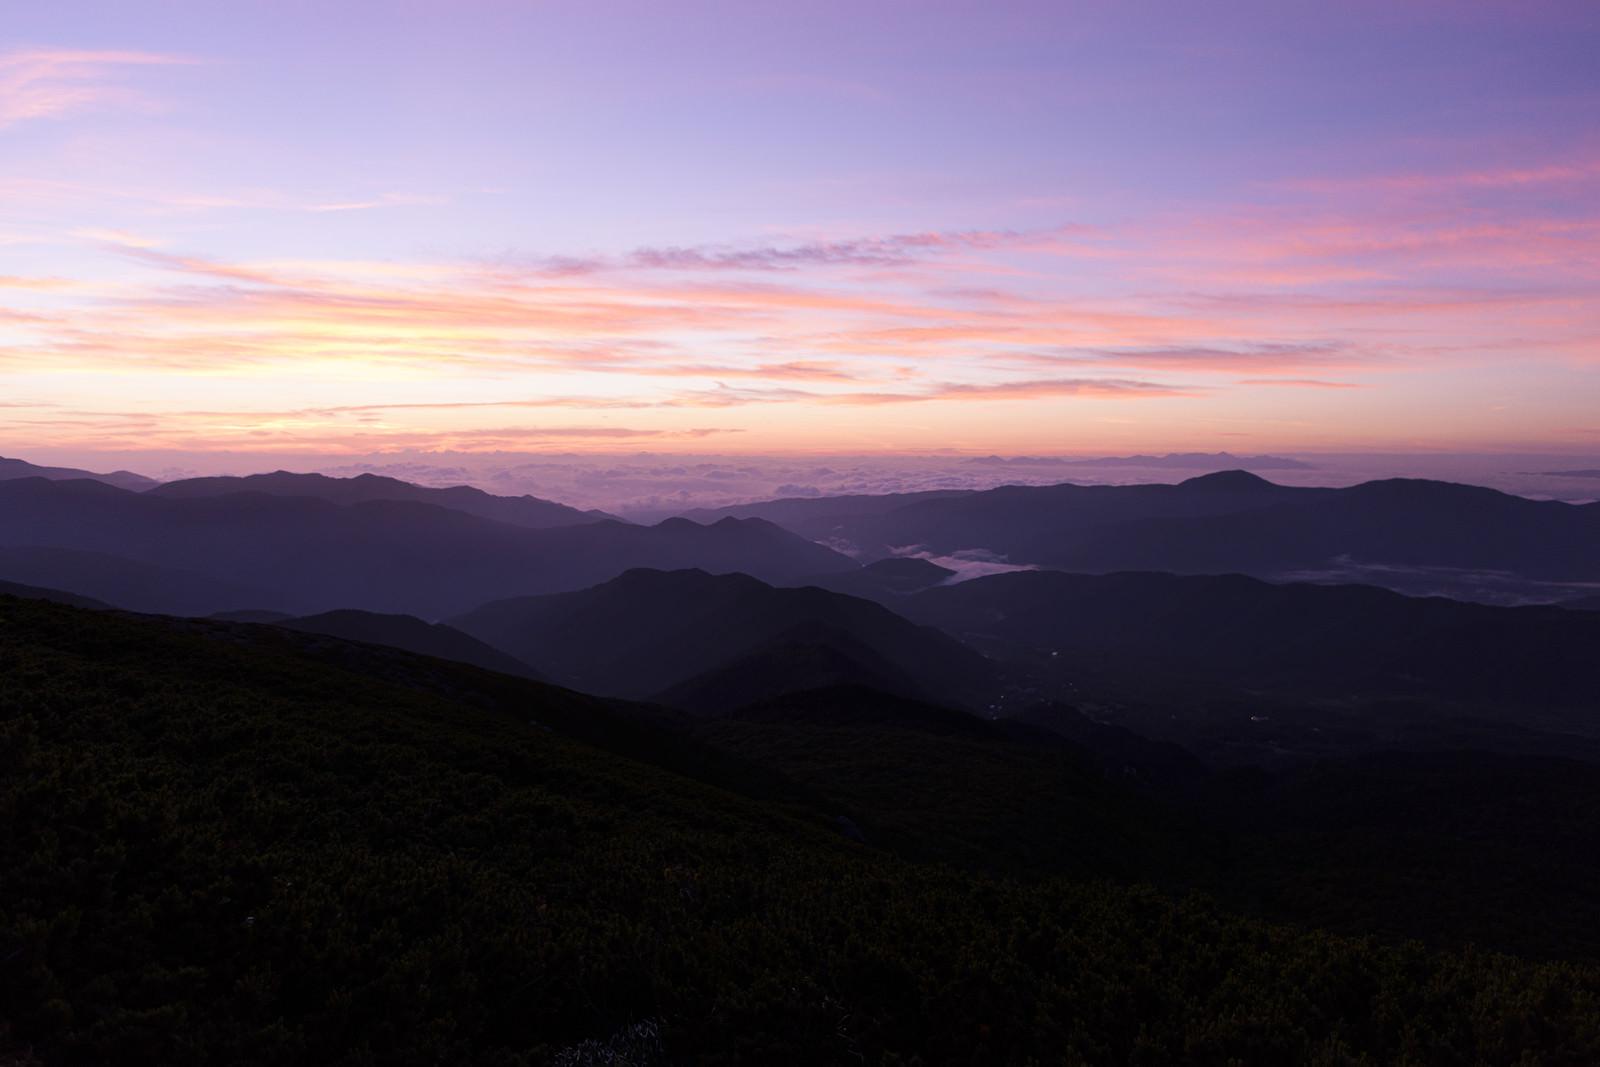 「朝焼け前の乗鞍岳からの遠望」の写真